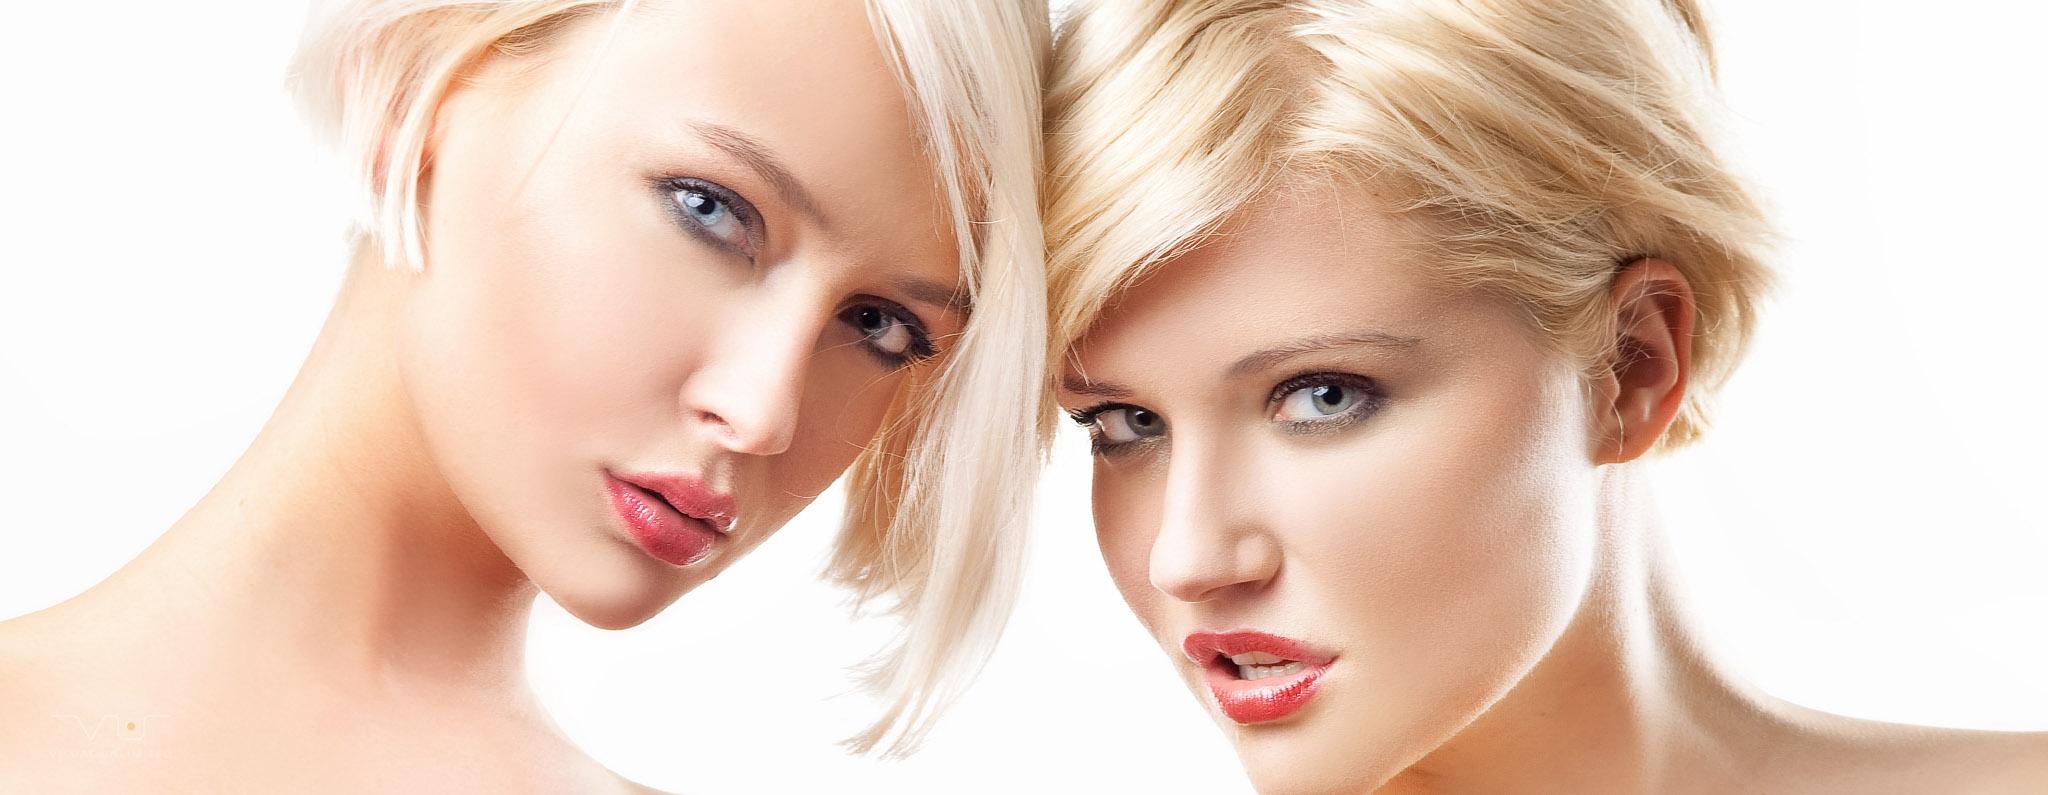 Bilder VU Header Photography 15 Tuschelnde Blondinen - Whispering Blondes